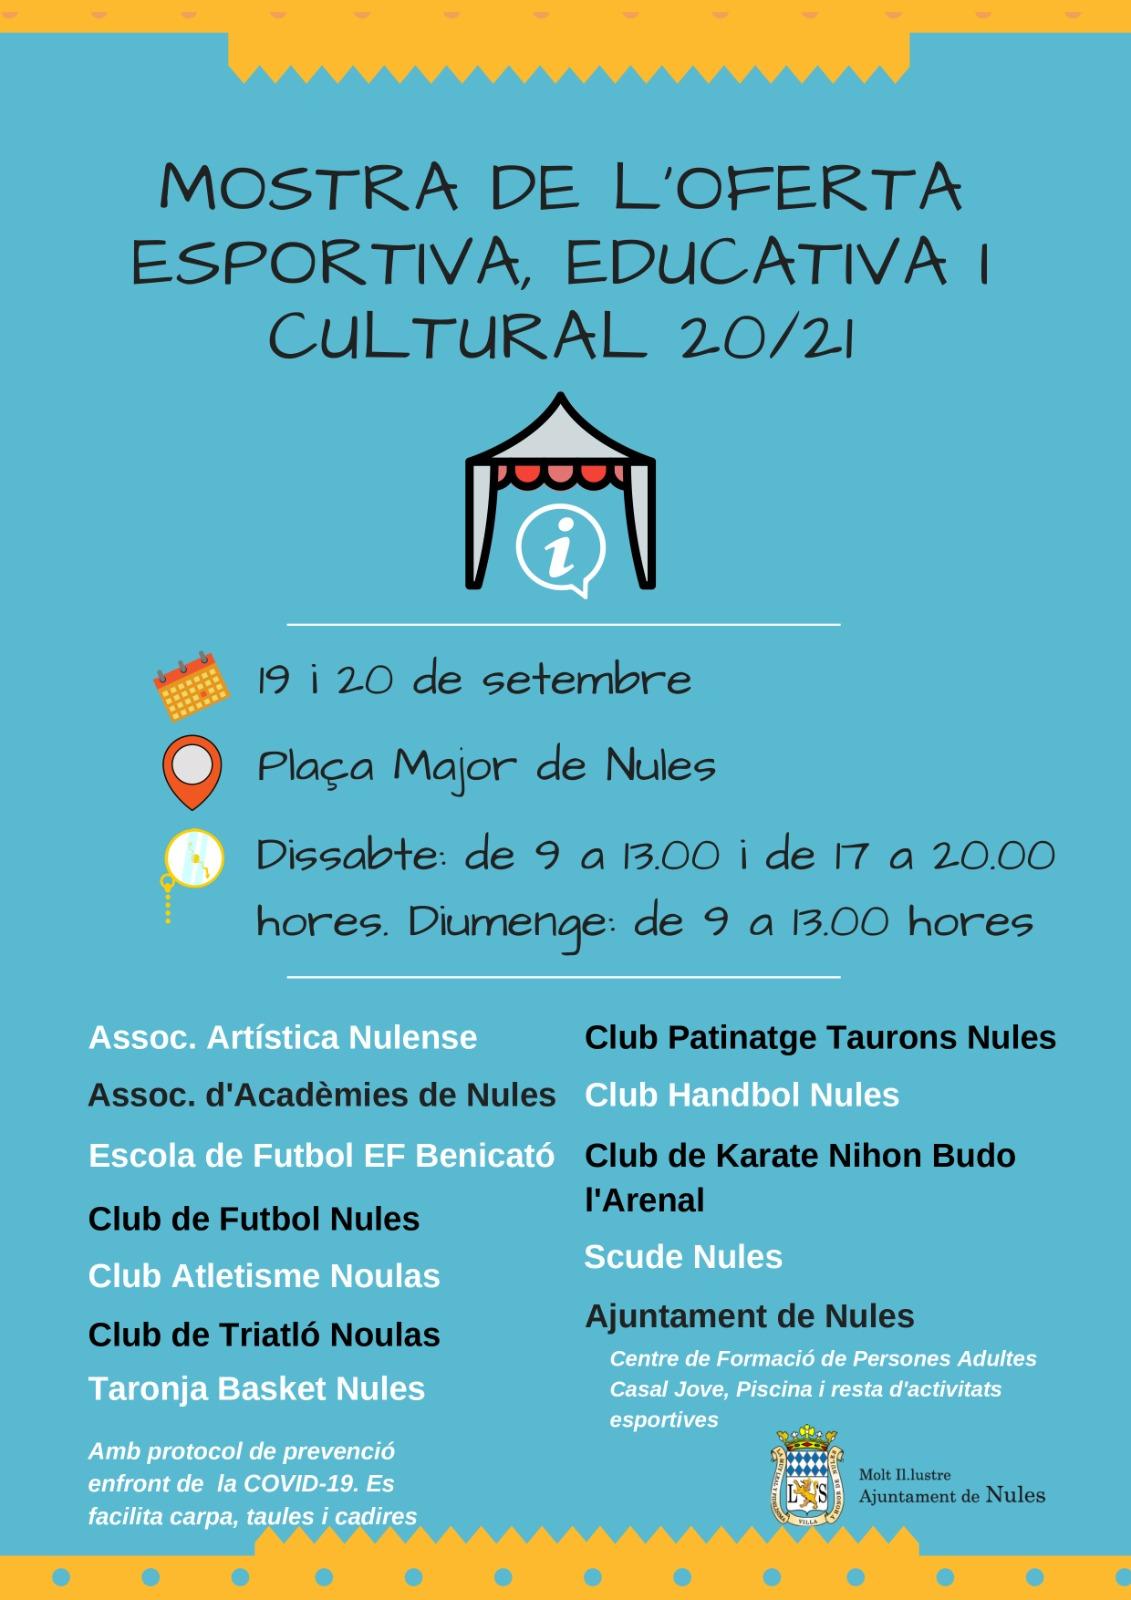 Una docena de entidades participarán en la muestra de servicios y actividades deportivas, educativas y culturales de Nules